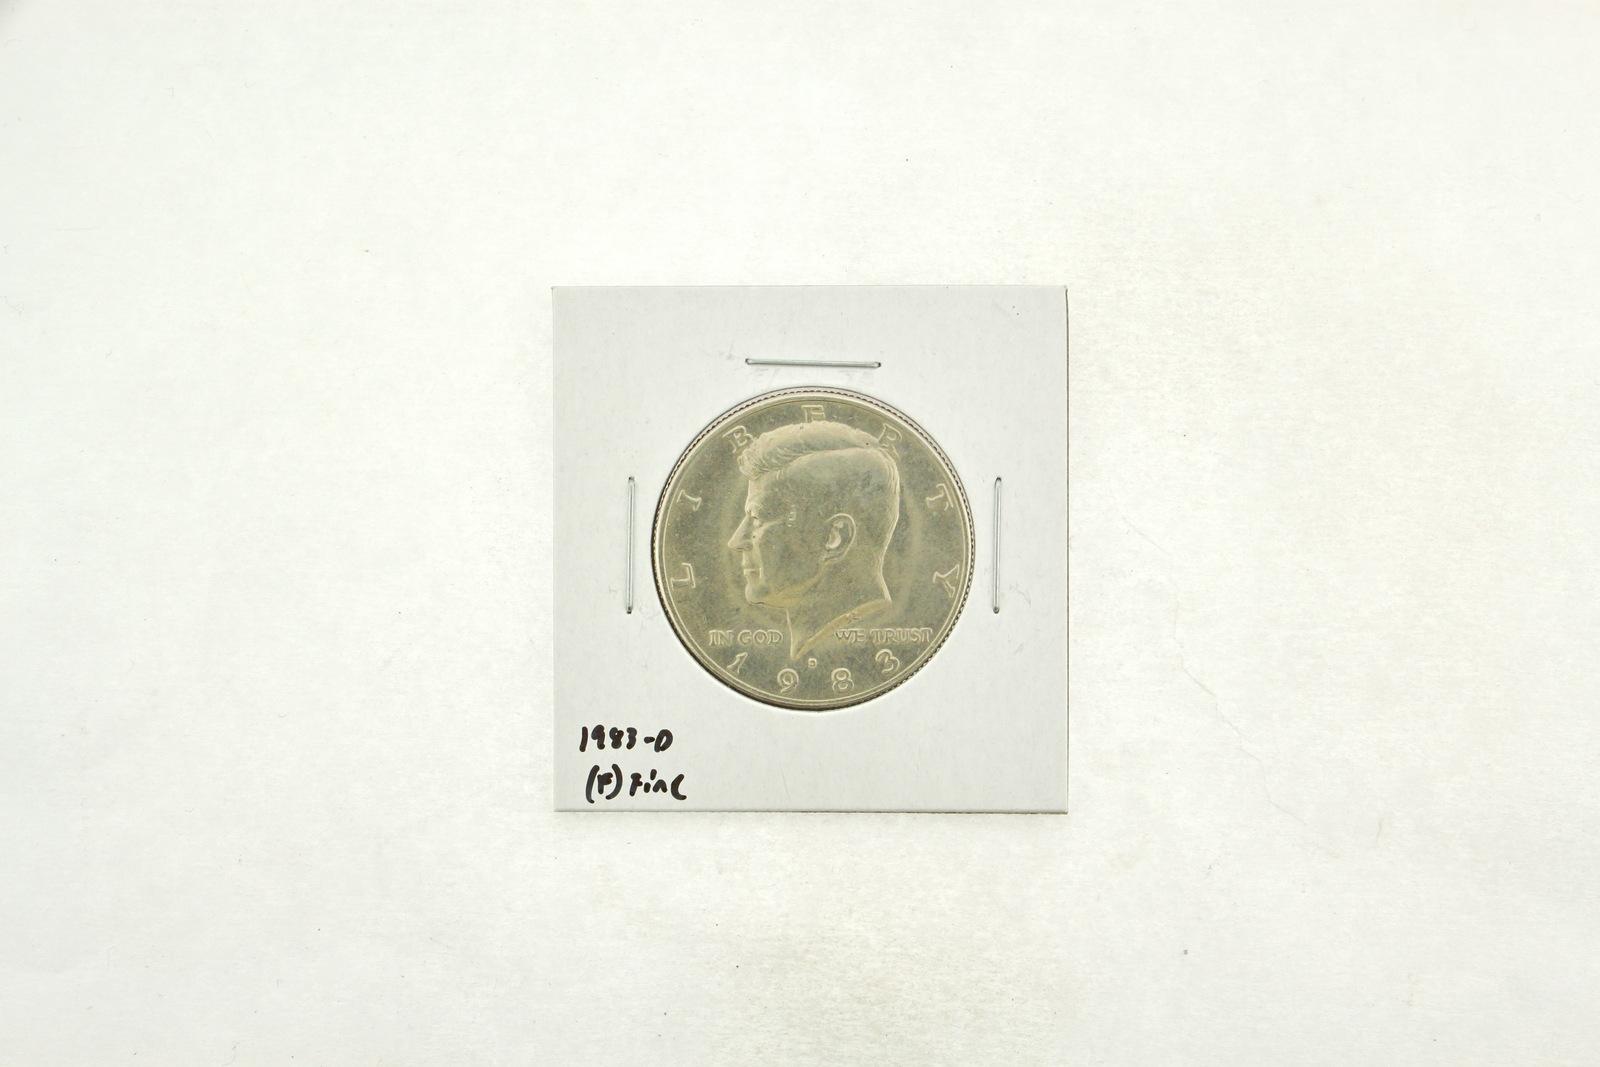 1983-D Kennedy Half Dollar (F) Fine N2-3755-10